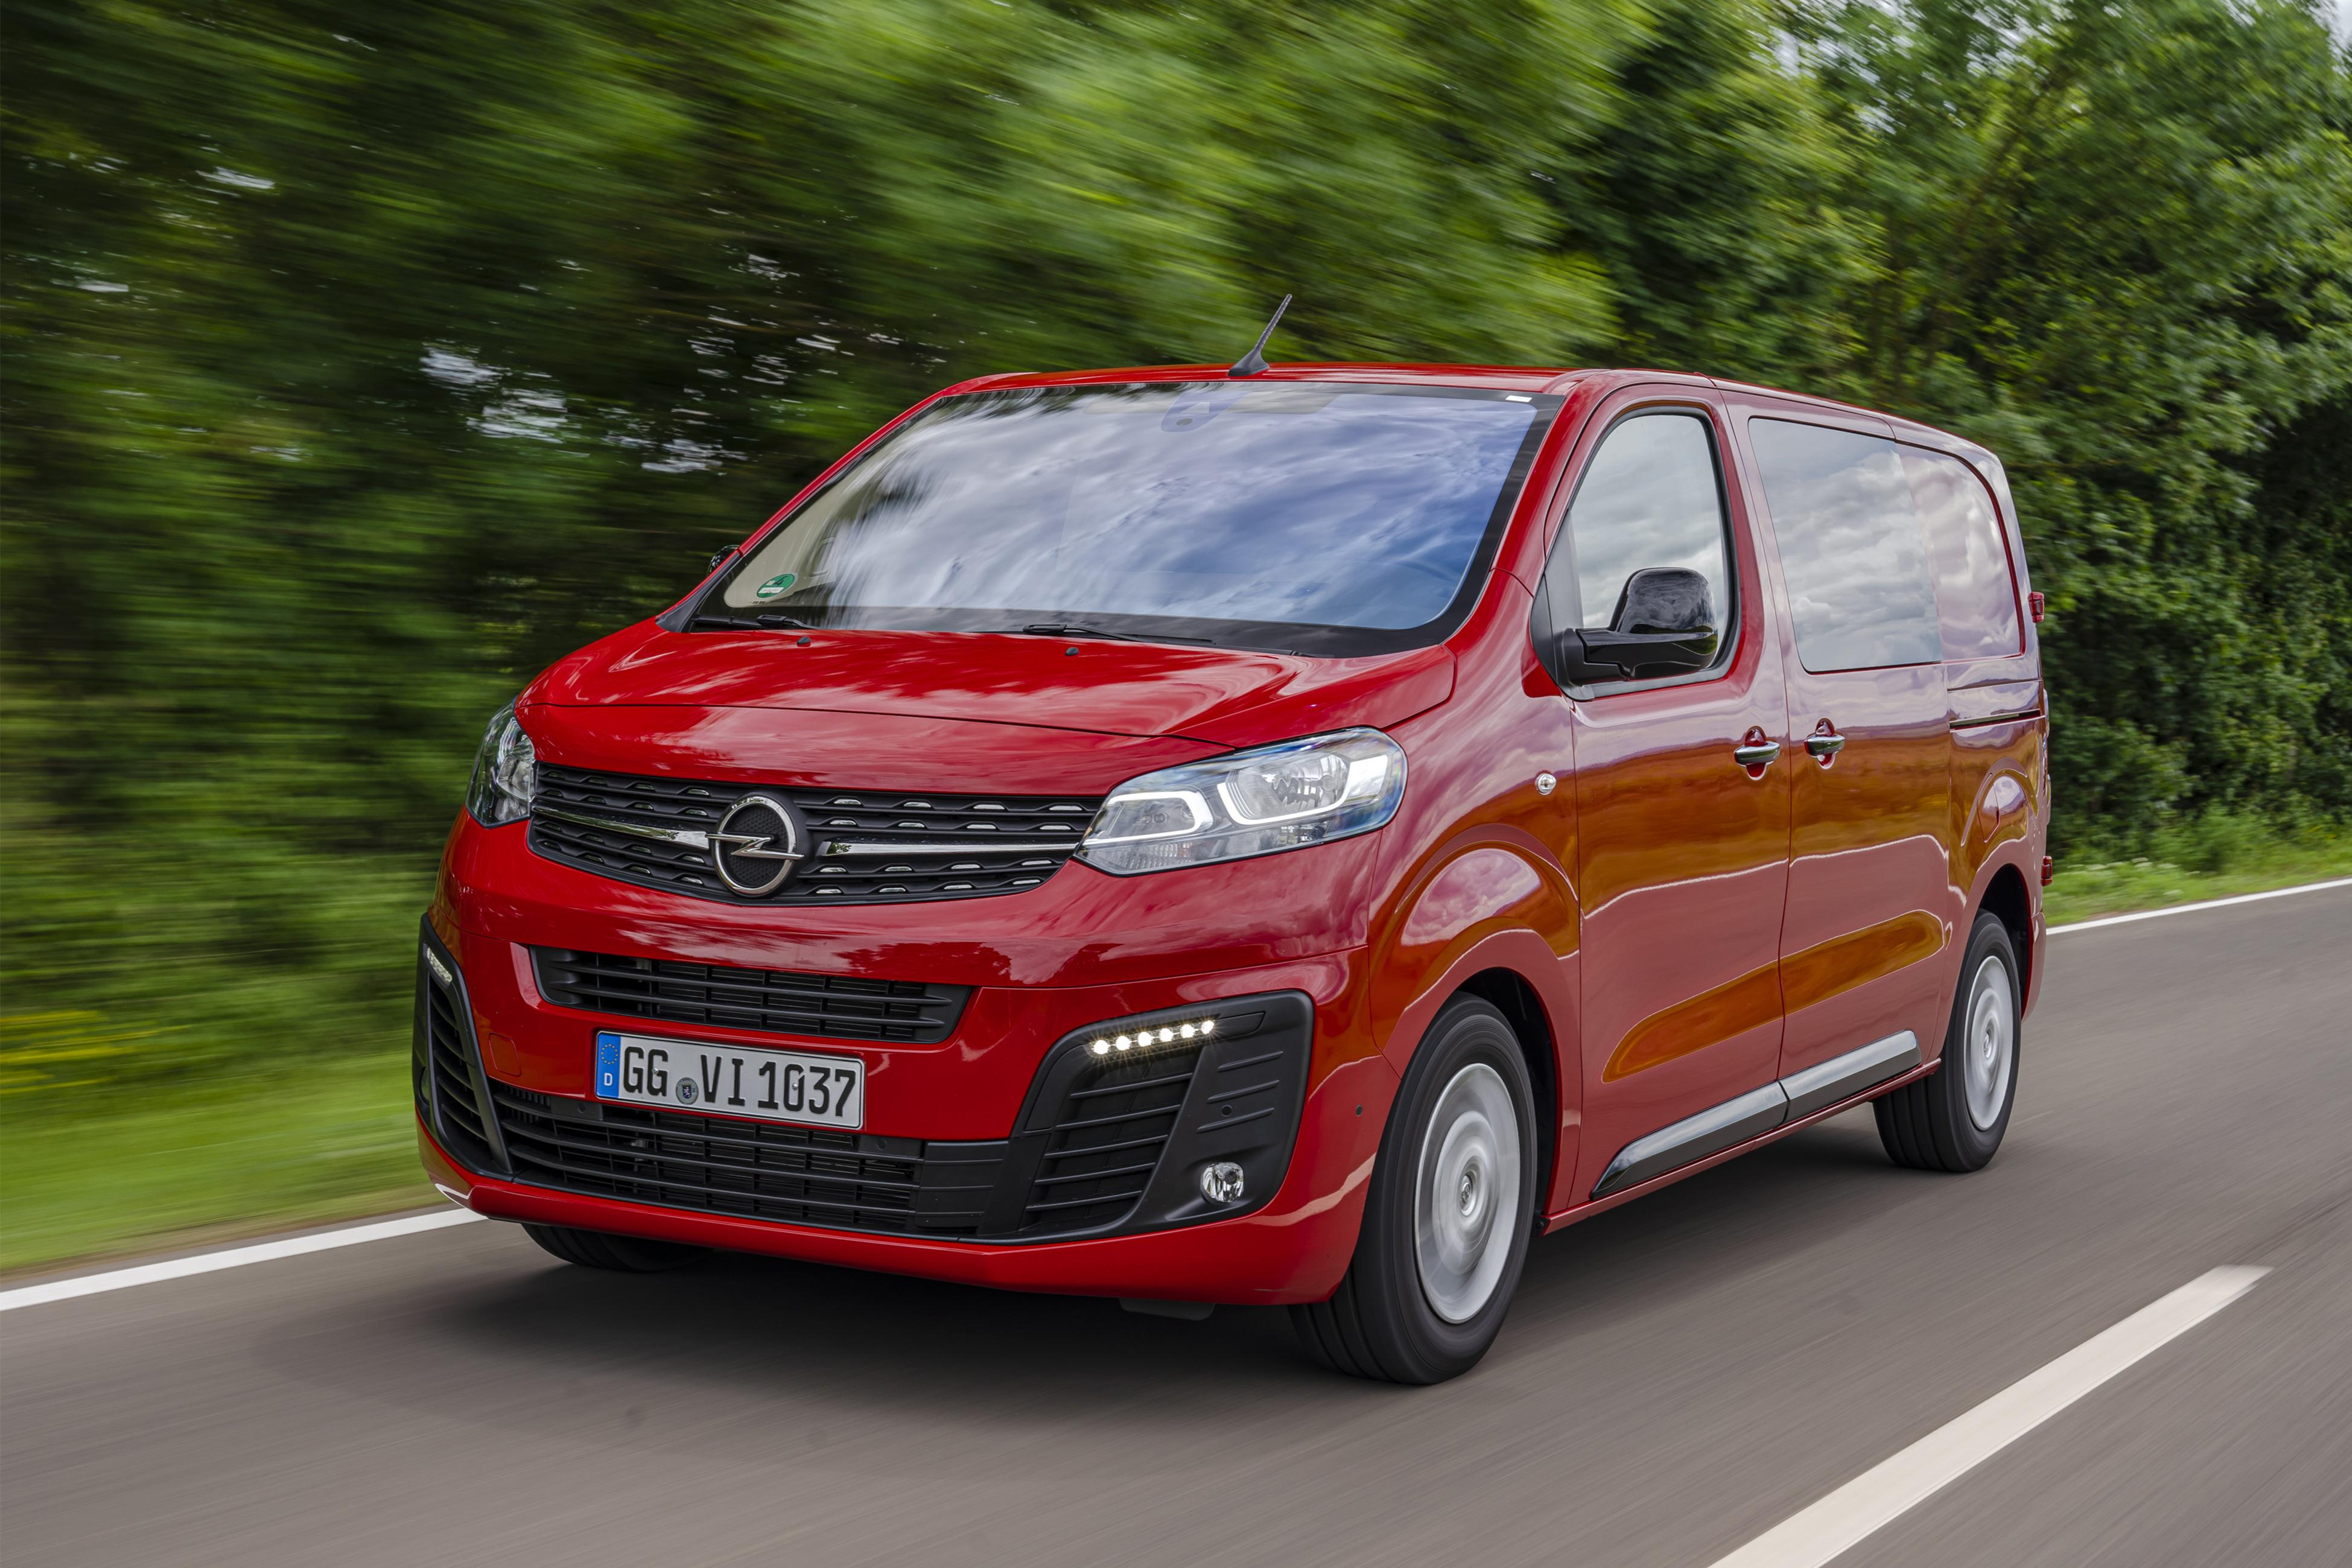 2019 Opel Vivaro CrewVan